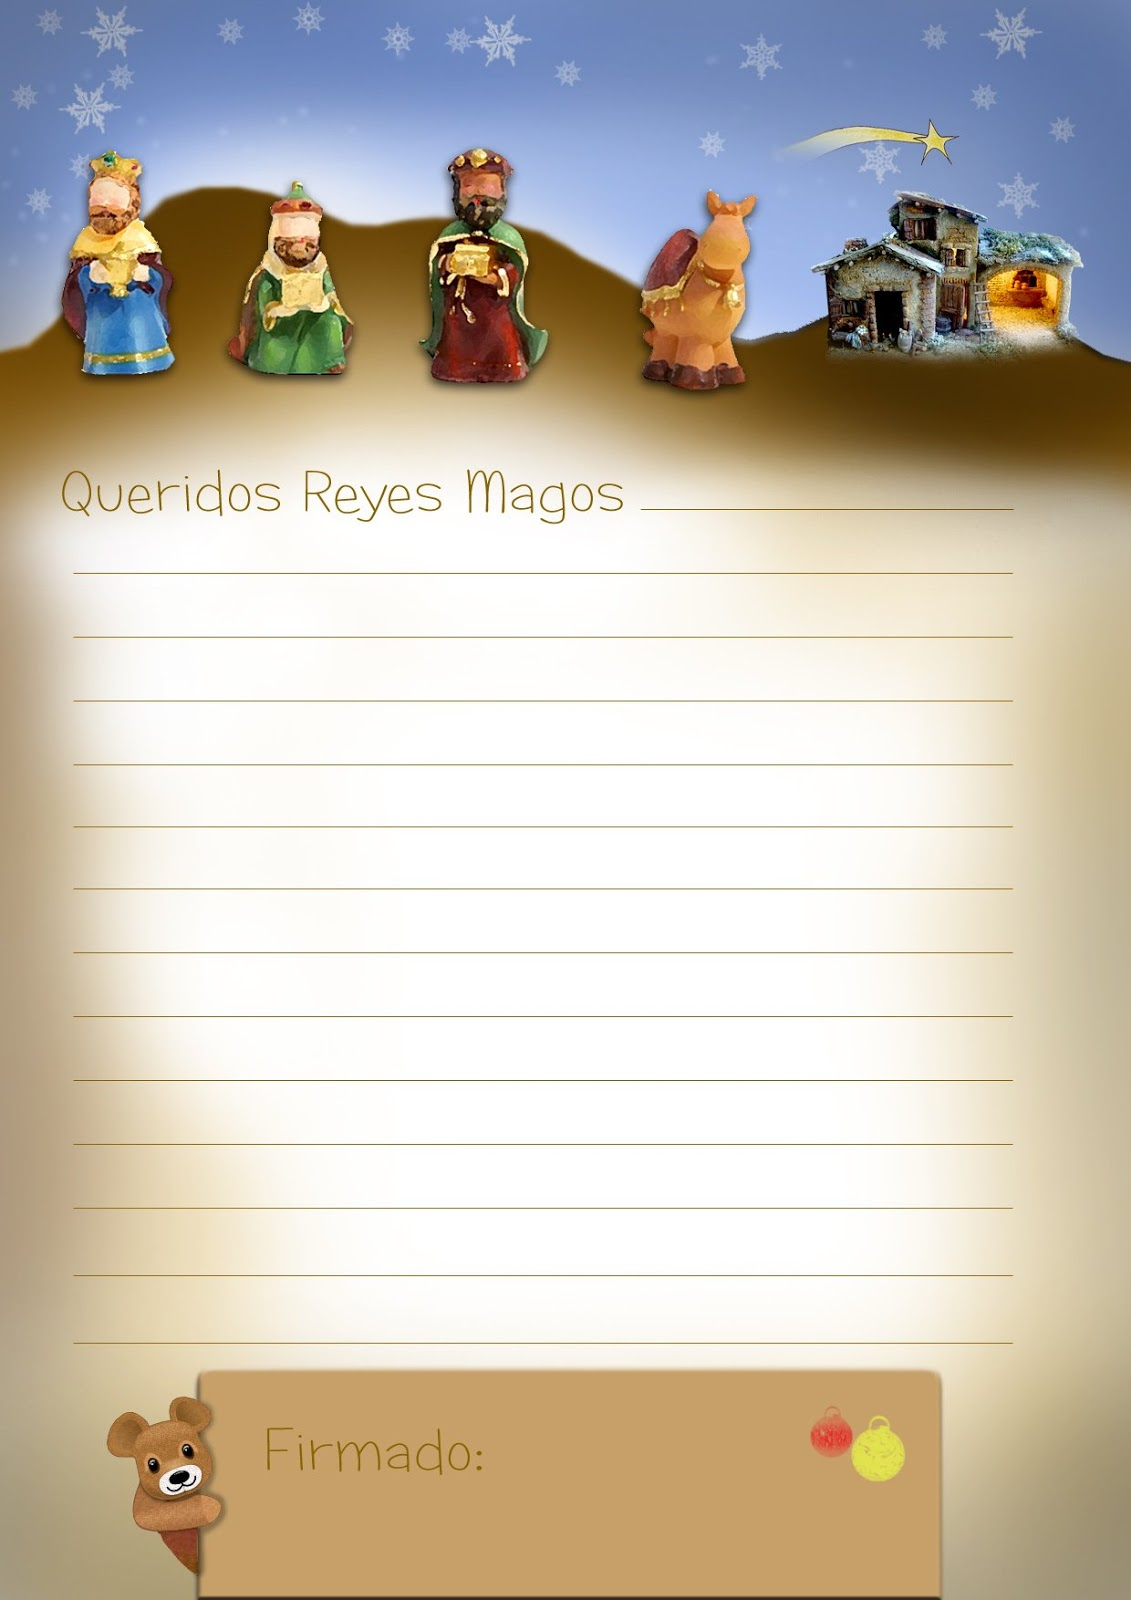 carta-reyes-magos-2012